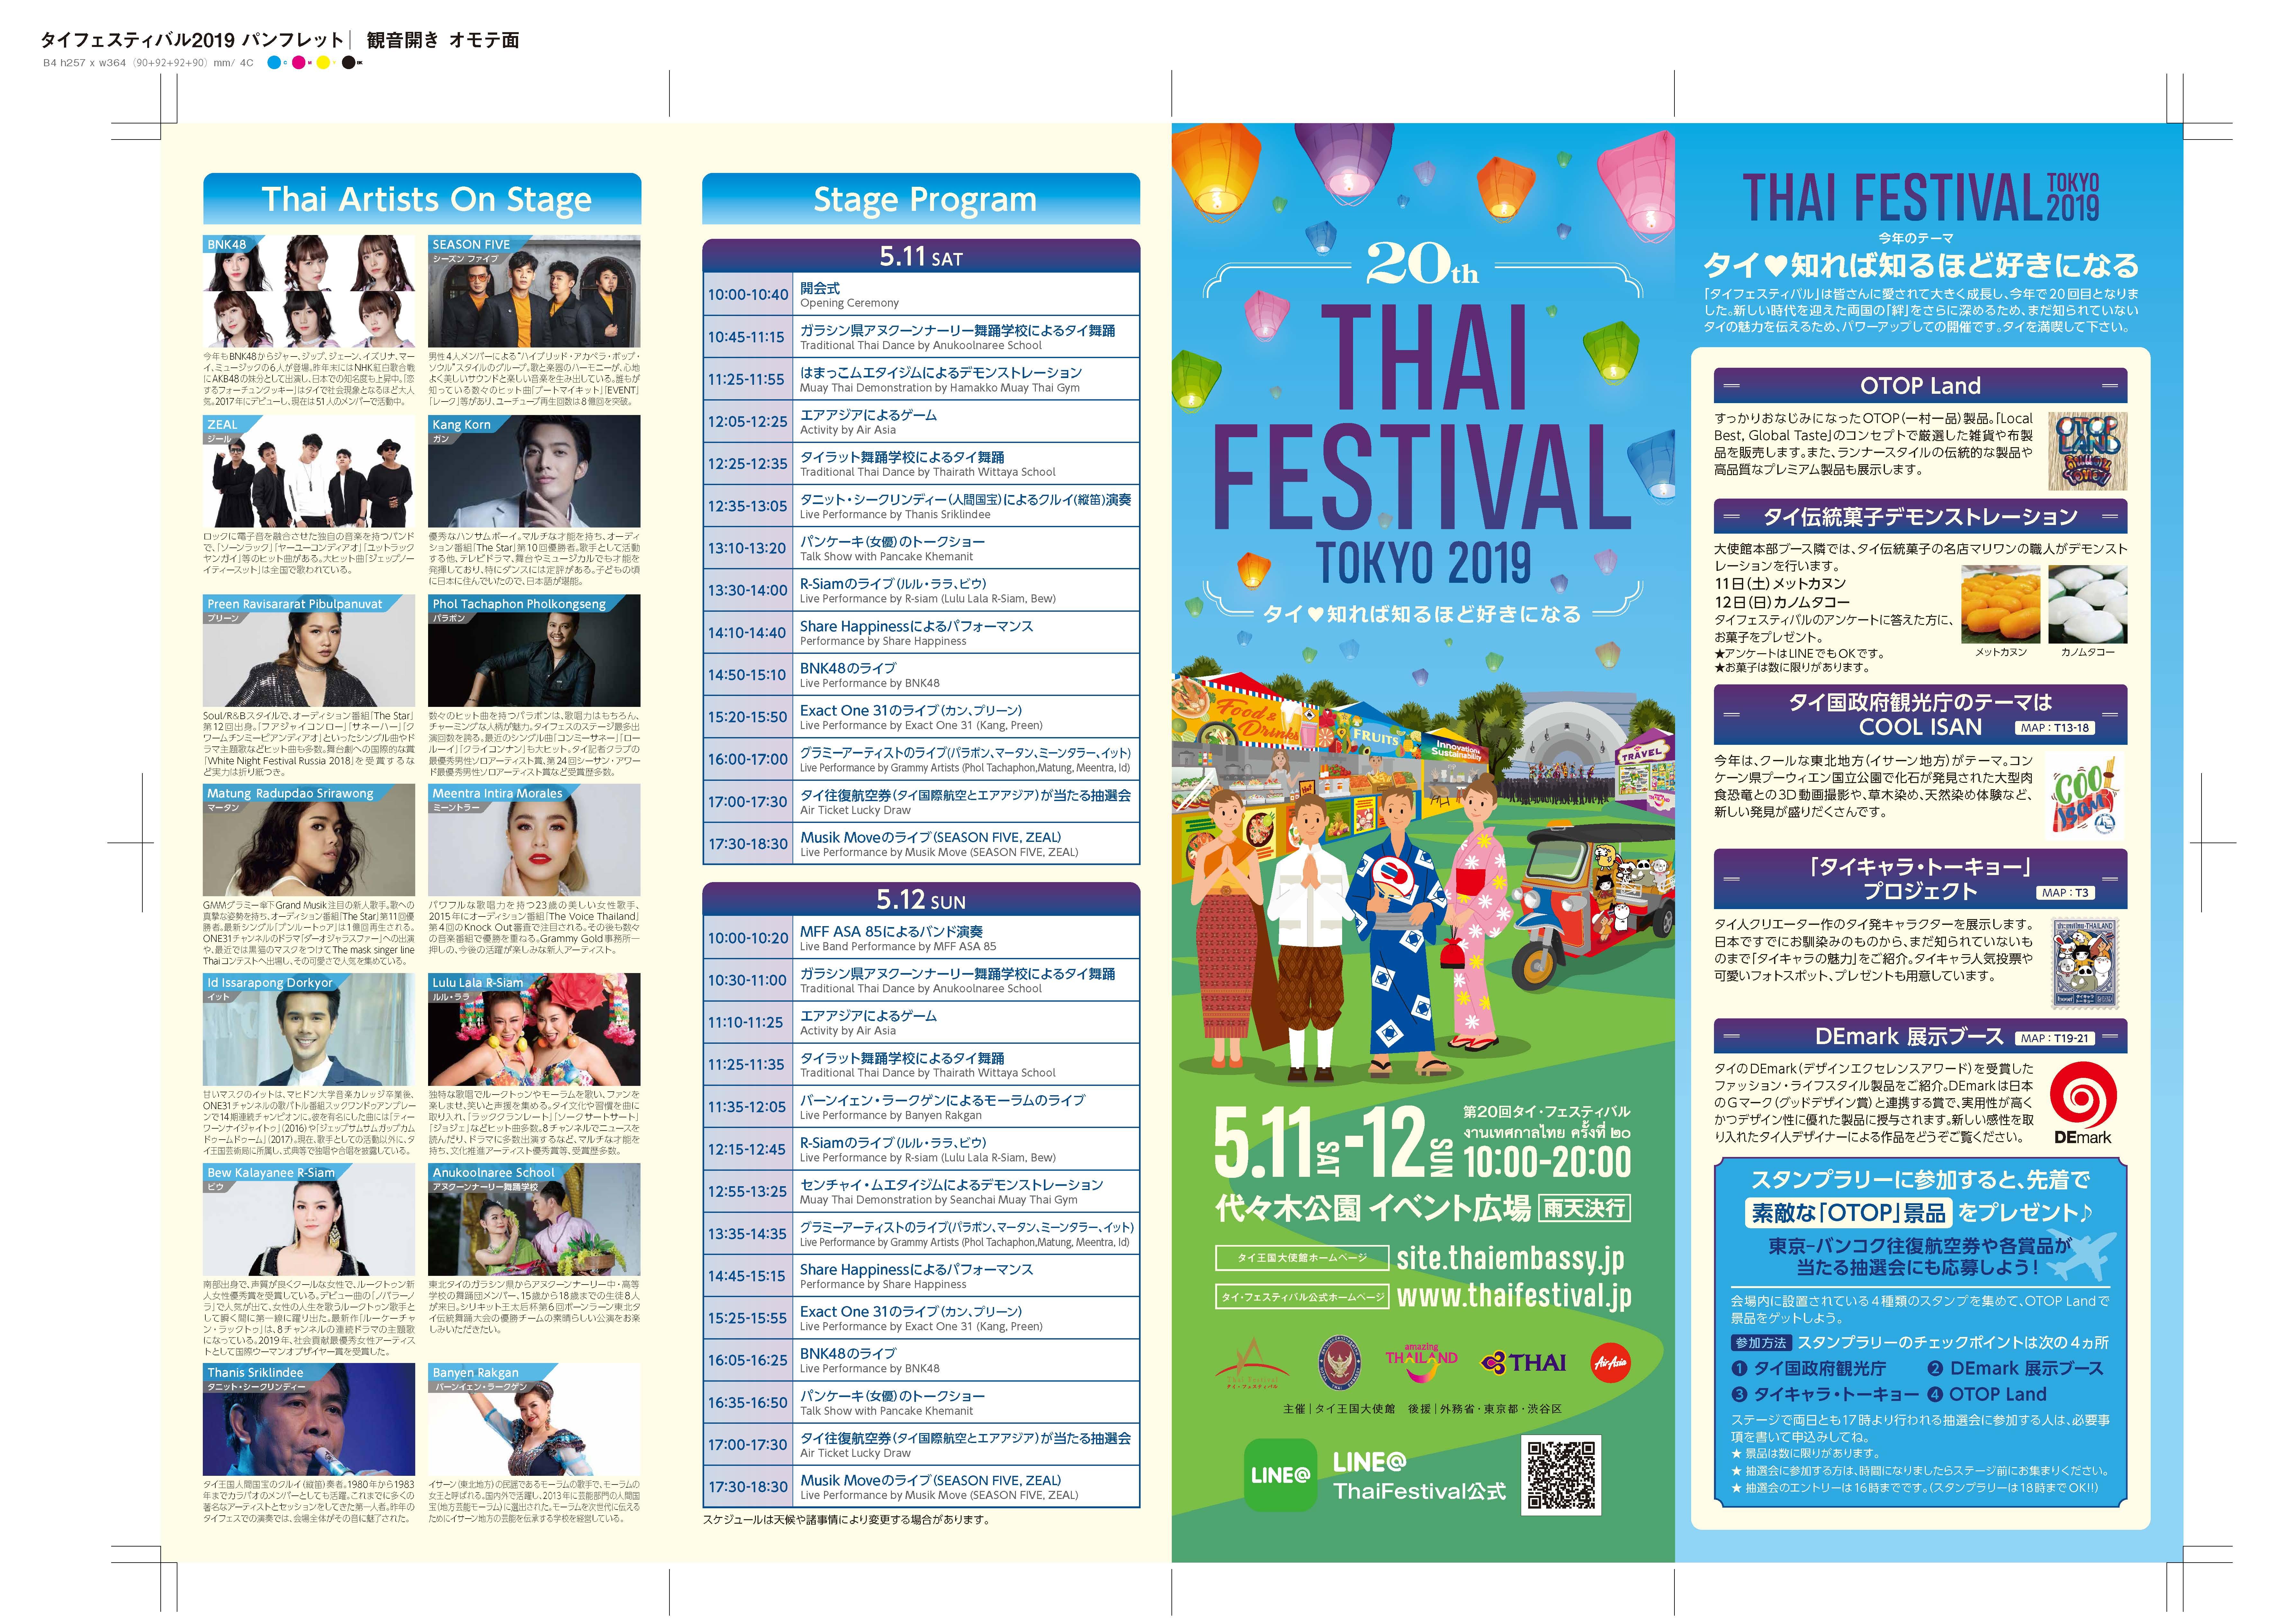 第20回 タイ・フェスティバル 2019